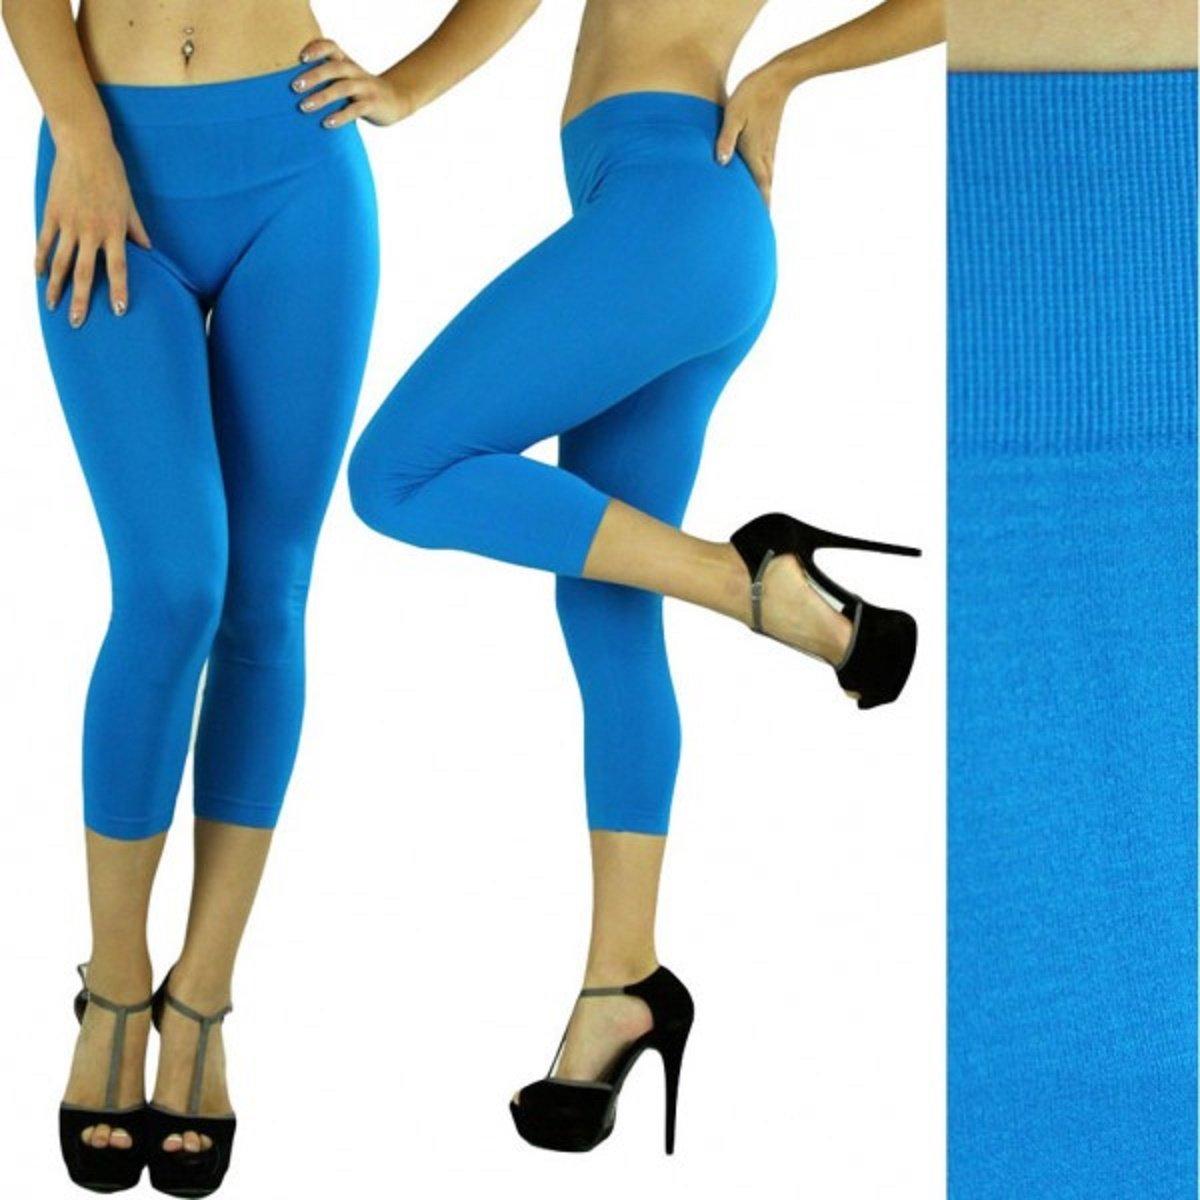 nouveau produit images détaillées dernier style Mari Clare Women's Short Legging, Capri Pant